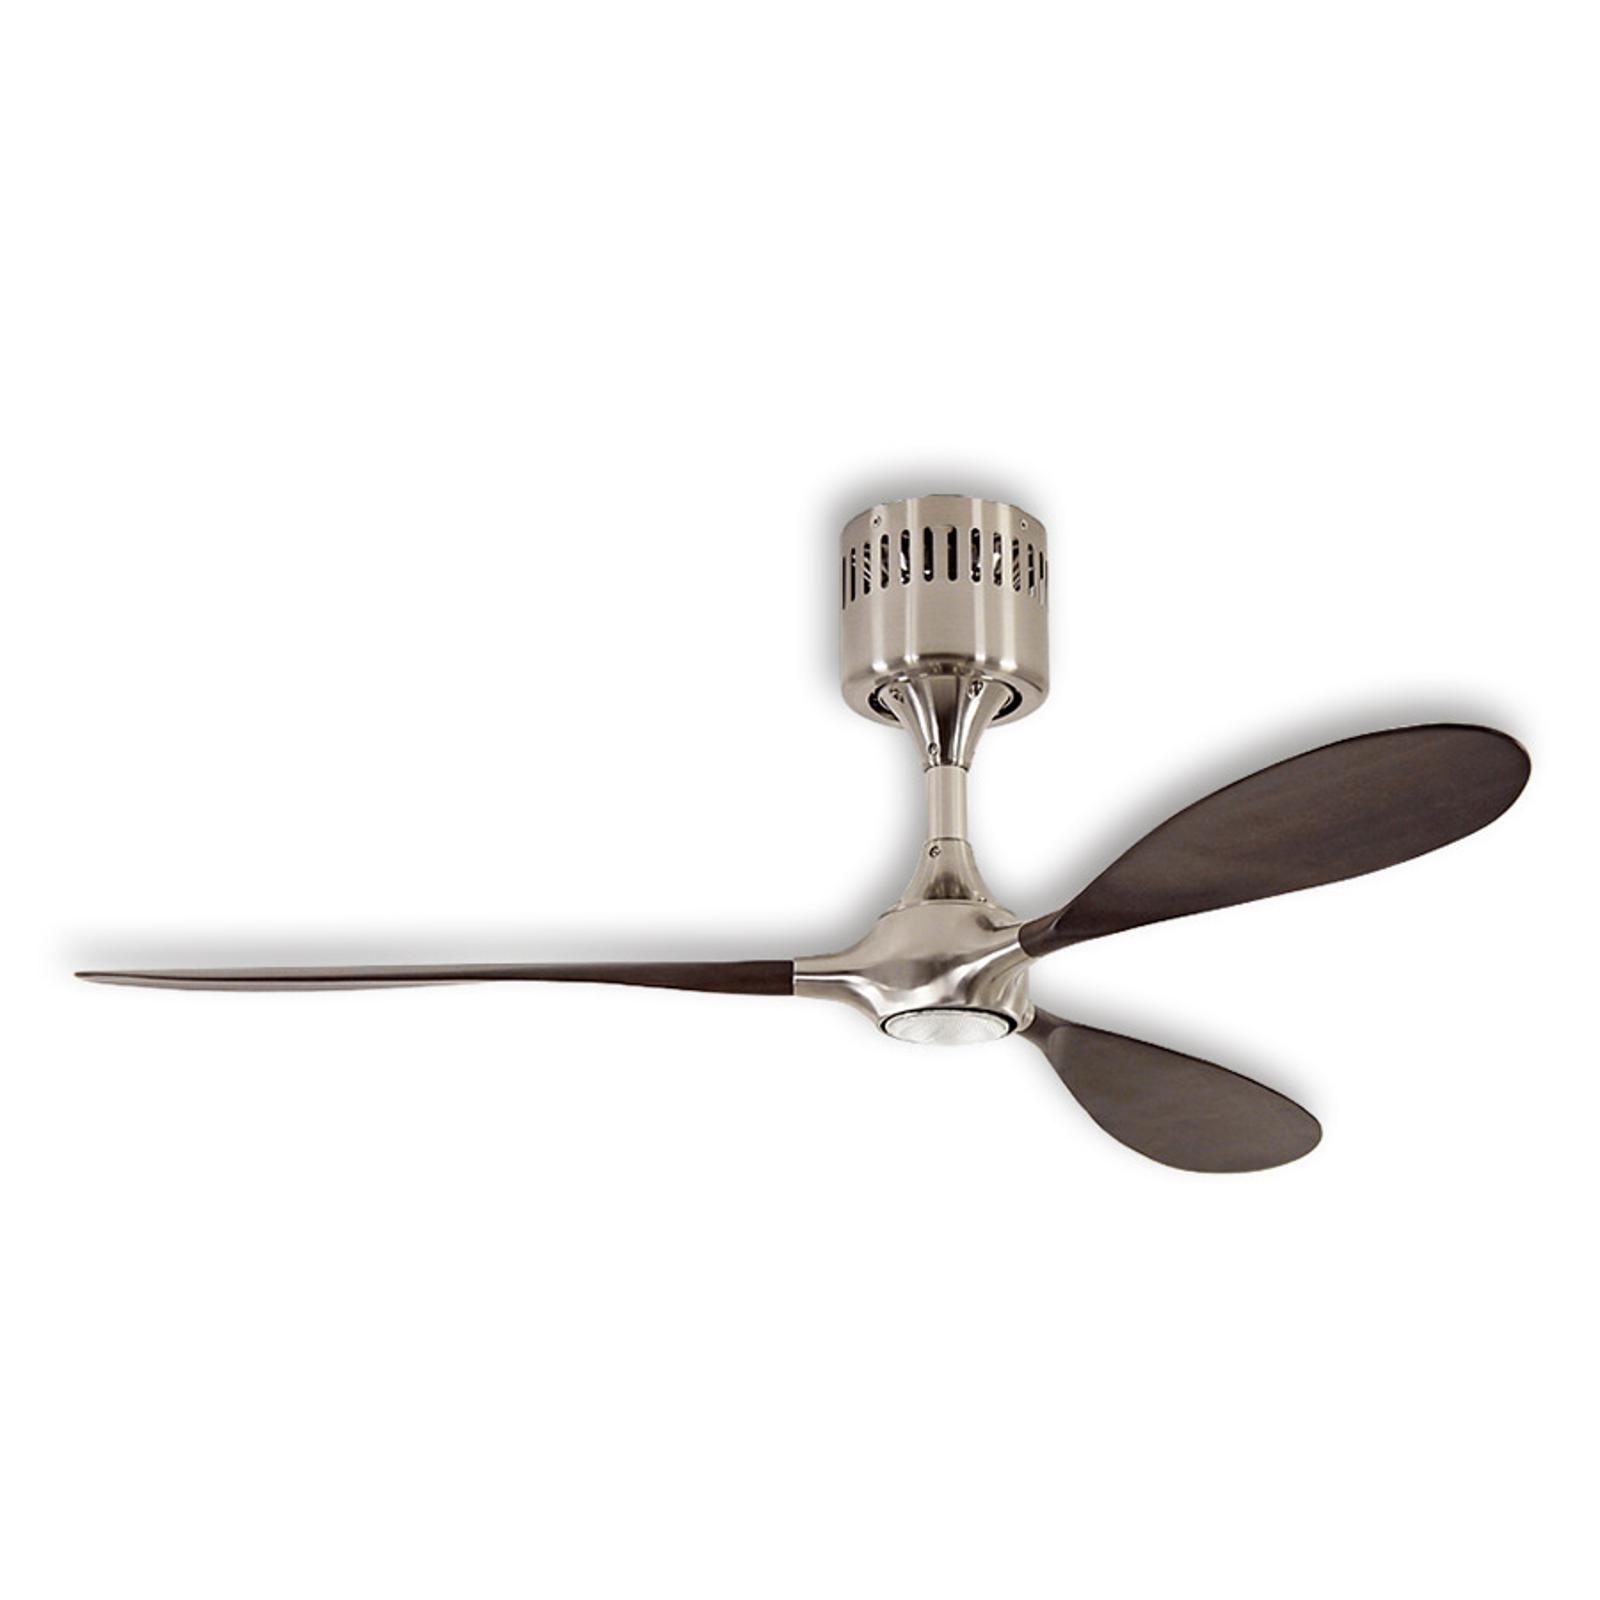 Ventilateur de plafond Helico Paddel, chromé/noyer